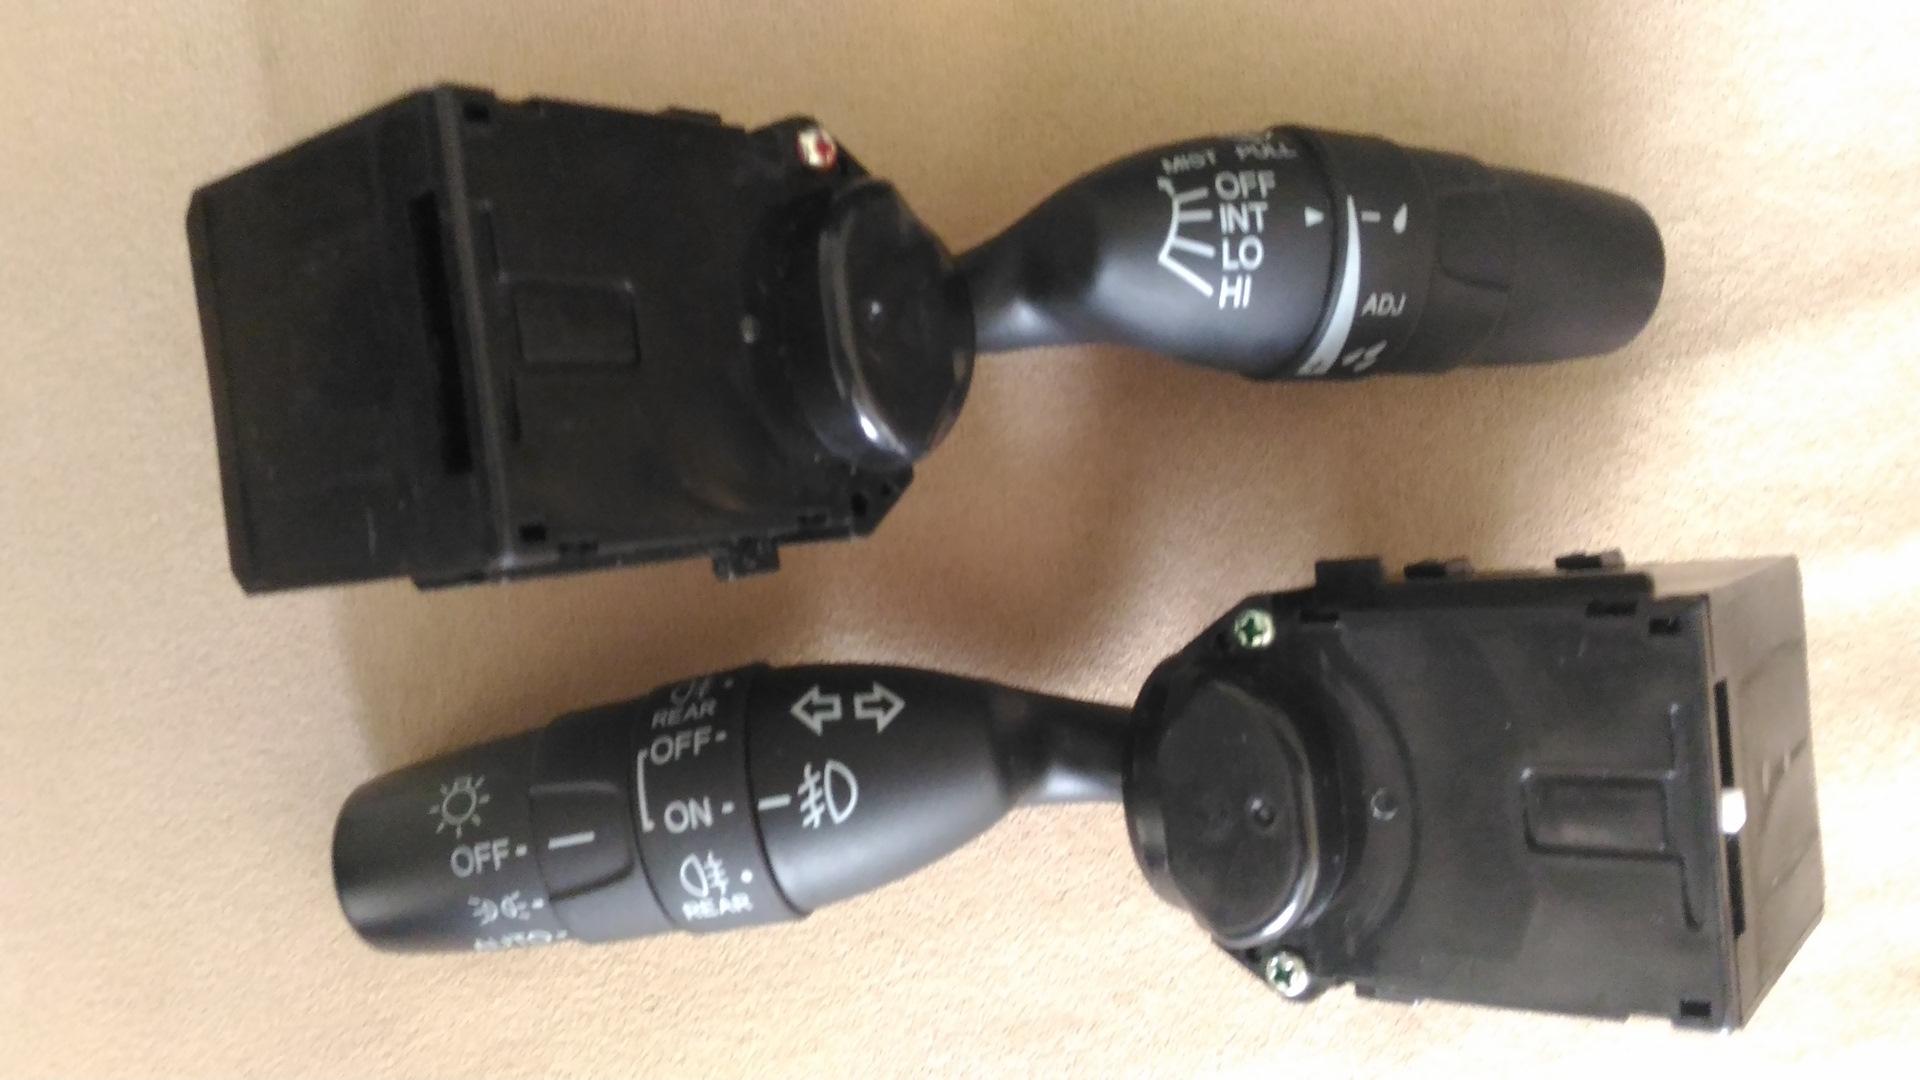 Замена рычага переключателя стеклоочистителя хонда цивик Замена трамблера е83